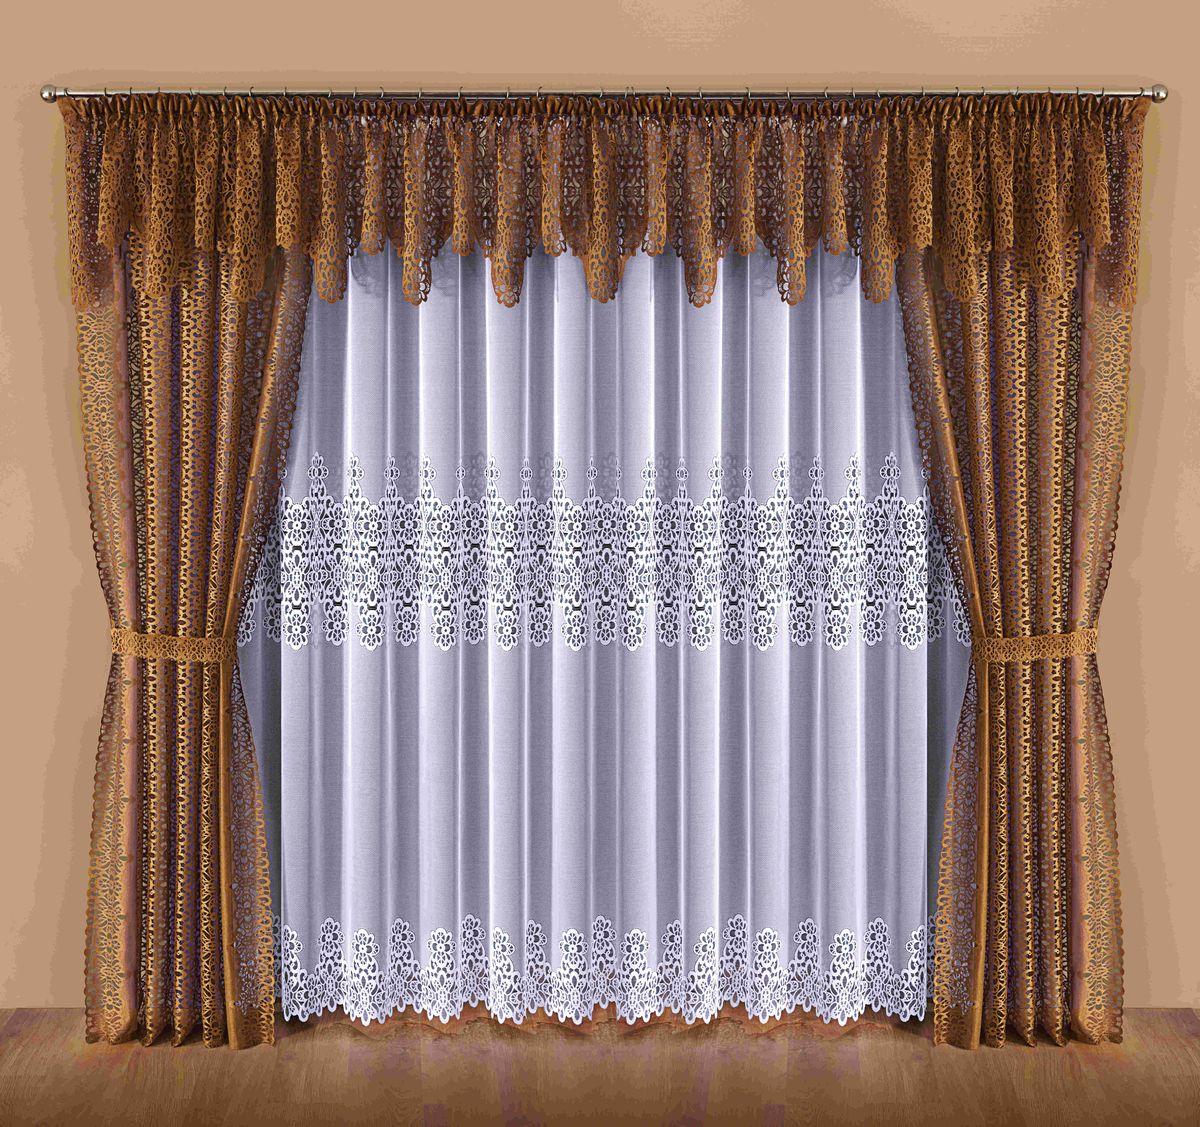 Комплект штор Wisan Dalia, на ленте, цвет: белый, коричневый, высота 250 см045WКомплект штор Wisan Dalia выполненный из полиэстера, великолепно украсит любое окно. В комплект входят 2 шторы, тюль, ламбрекен и 2 подхвата. Цветочный орнамент придает комплекту особый стиль и шарм. Тонкое плетение, нежная цветовая гамма и роскошное исполнение - все это делает шторы Wisan Dalia замечательным дополнением интерьера помещения.Комплект оснащен шторной лентой для красивой сборки. В комплект входит: Штора - 2 шт. Размер (ШхВ): 142 см х 250 см.Тюль - 1 шт. Размер (ШхВ): 400 см х 250 см. Ламбрекен - 1 шт. Размер (ШхВ): 600 см х 55 см. Подхват - 2 шт.Фирма Wisan на польском рынке существует уже более пятидесяти лет и является одной из лучших польских фабрик по производству штор и тканей. Ассортимент фирмы представлен готовыми комплектами штор для гостиной, детской, кухни, а также текстилем для кухни (скатерти, салфетки, дорожки, кухонные занавески). Модельный ряд отличает оригинальный дизайн, высокое качество. Ассортимент продукции постоянно пополняется.